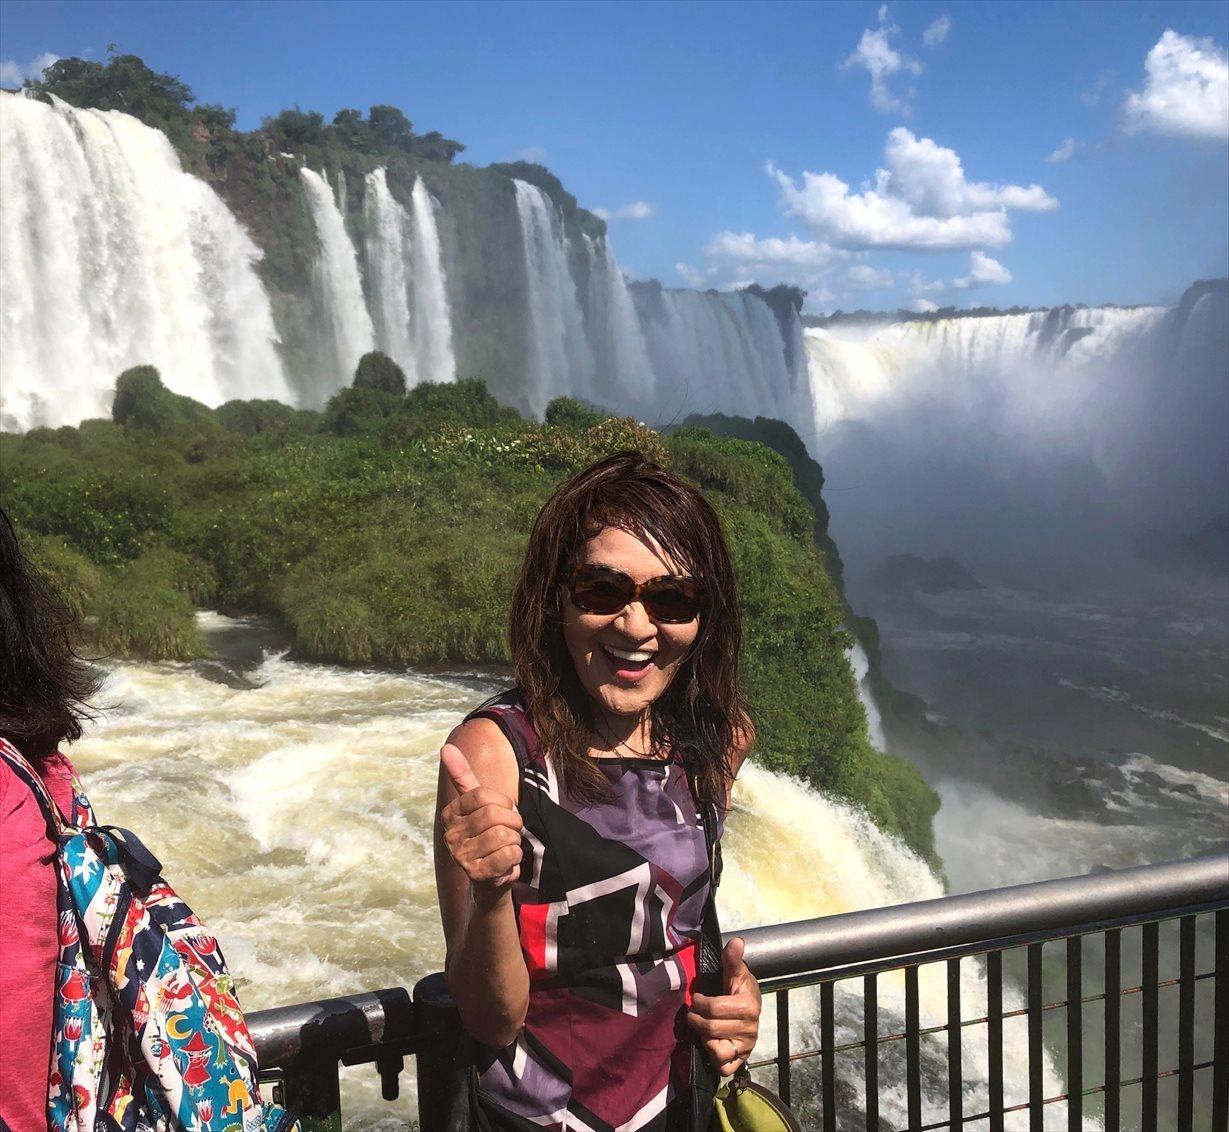 中南米の旅/59 フロリアーノ滝でびしょ濡れ!@イグアス_a0092659_19164239.jpg